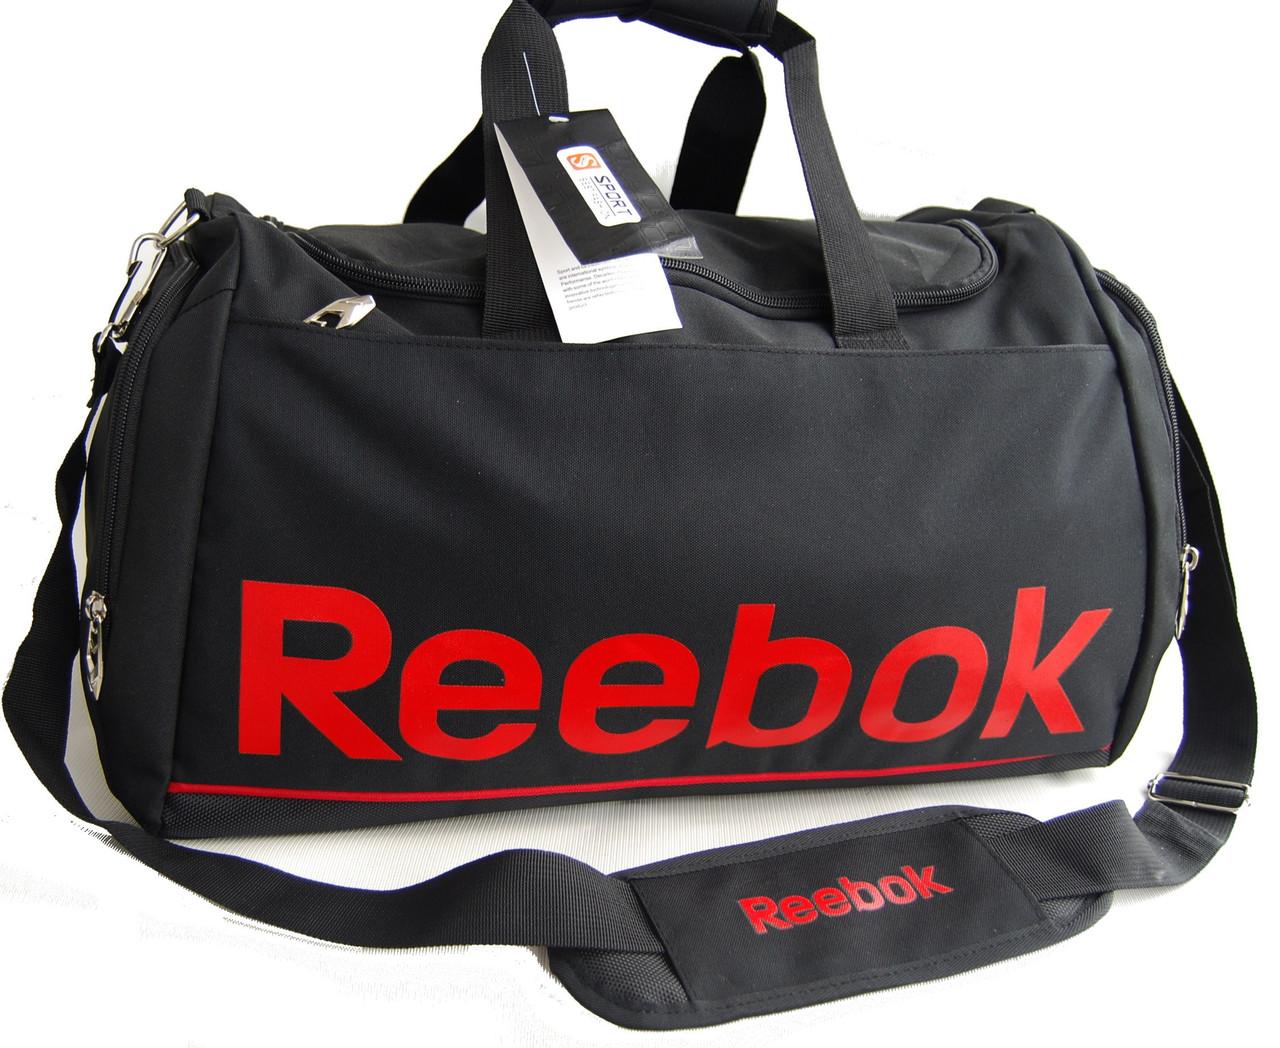 9ae2efd3a066 Спортивная, дорожная качественная сумка Reebok с отделом для обуви КСС59-2  - интернет-